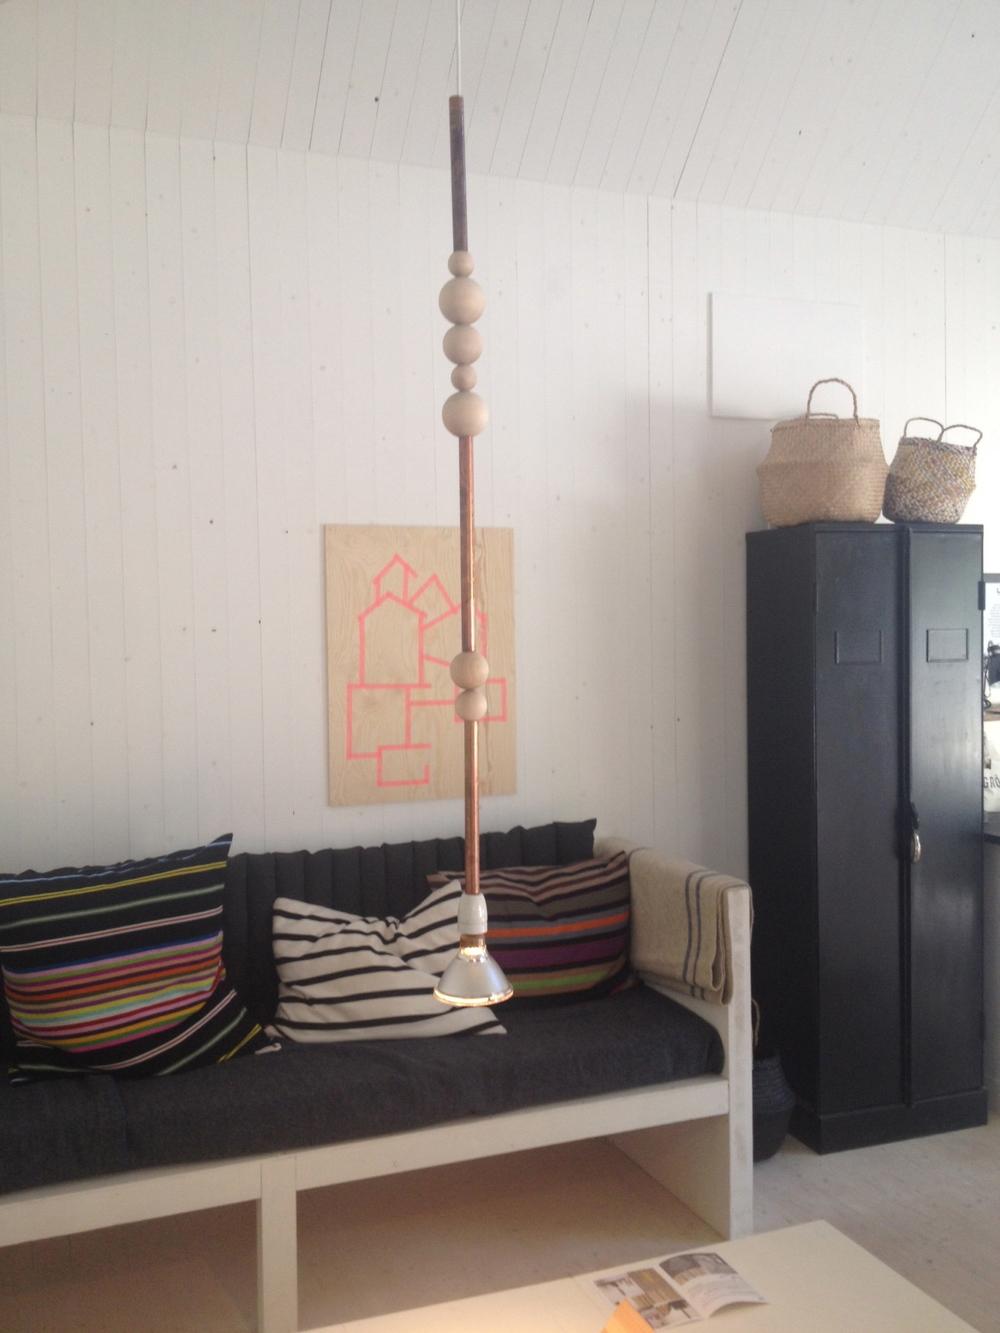 I nredningsinspiration. Denna DIY-lampa fanns på Leva några kilometer utanför Visby. Och den är byggd av kopparrör, träkulor och ett cykellyse (tror jag att det är). En superkul lampa som passar in i den populära industristilen.    Foto:  Palatsliv